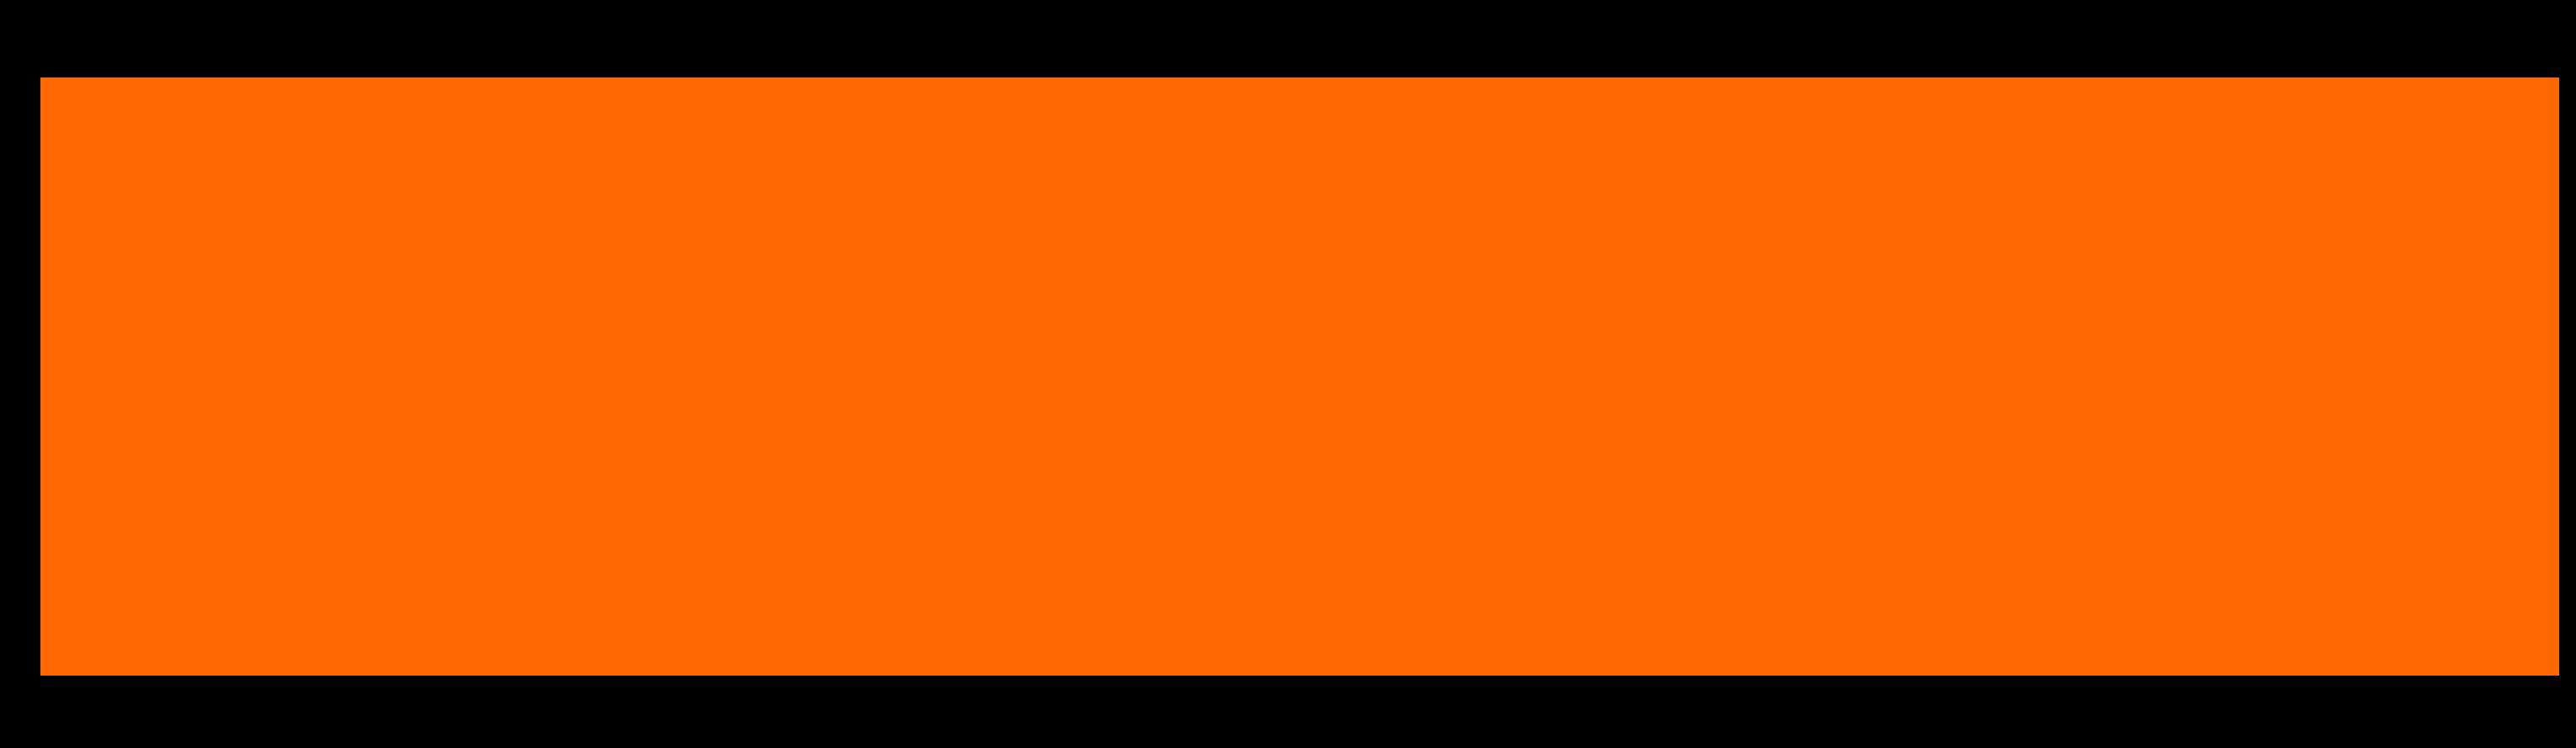 logo_header_2x